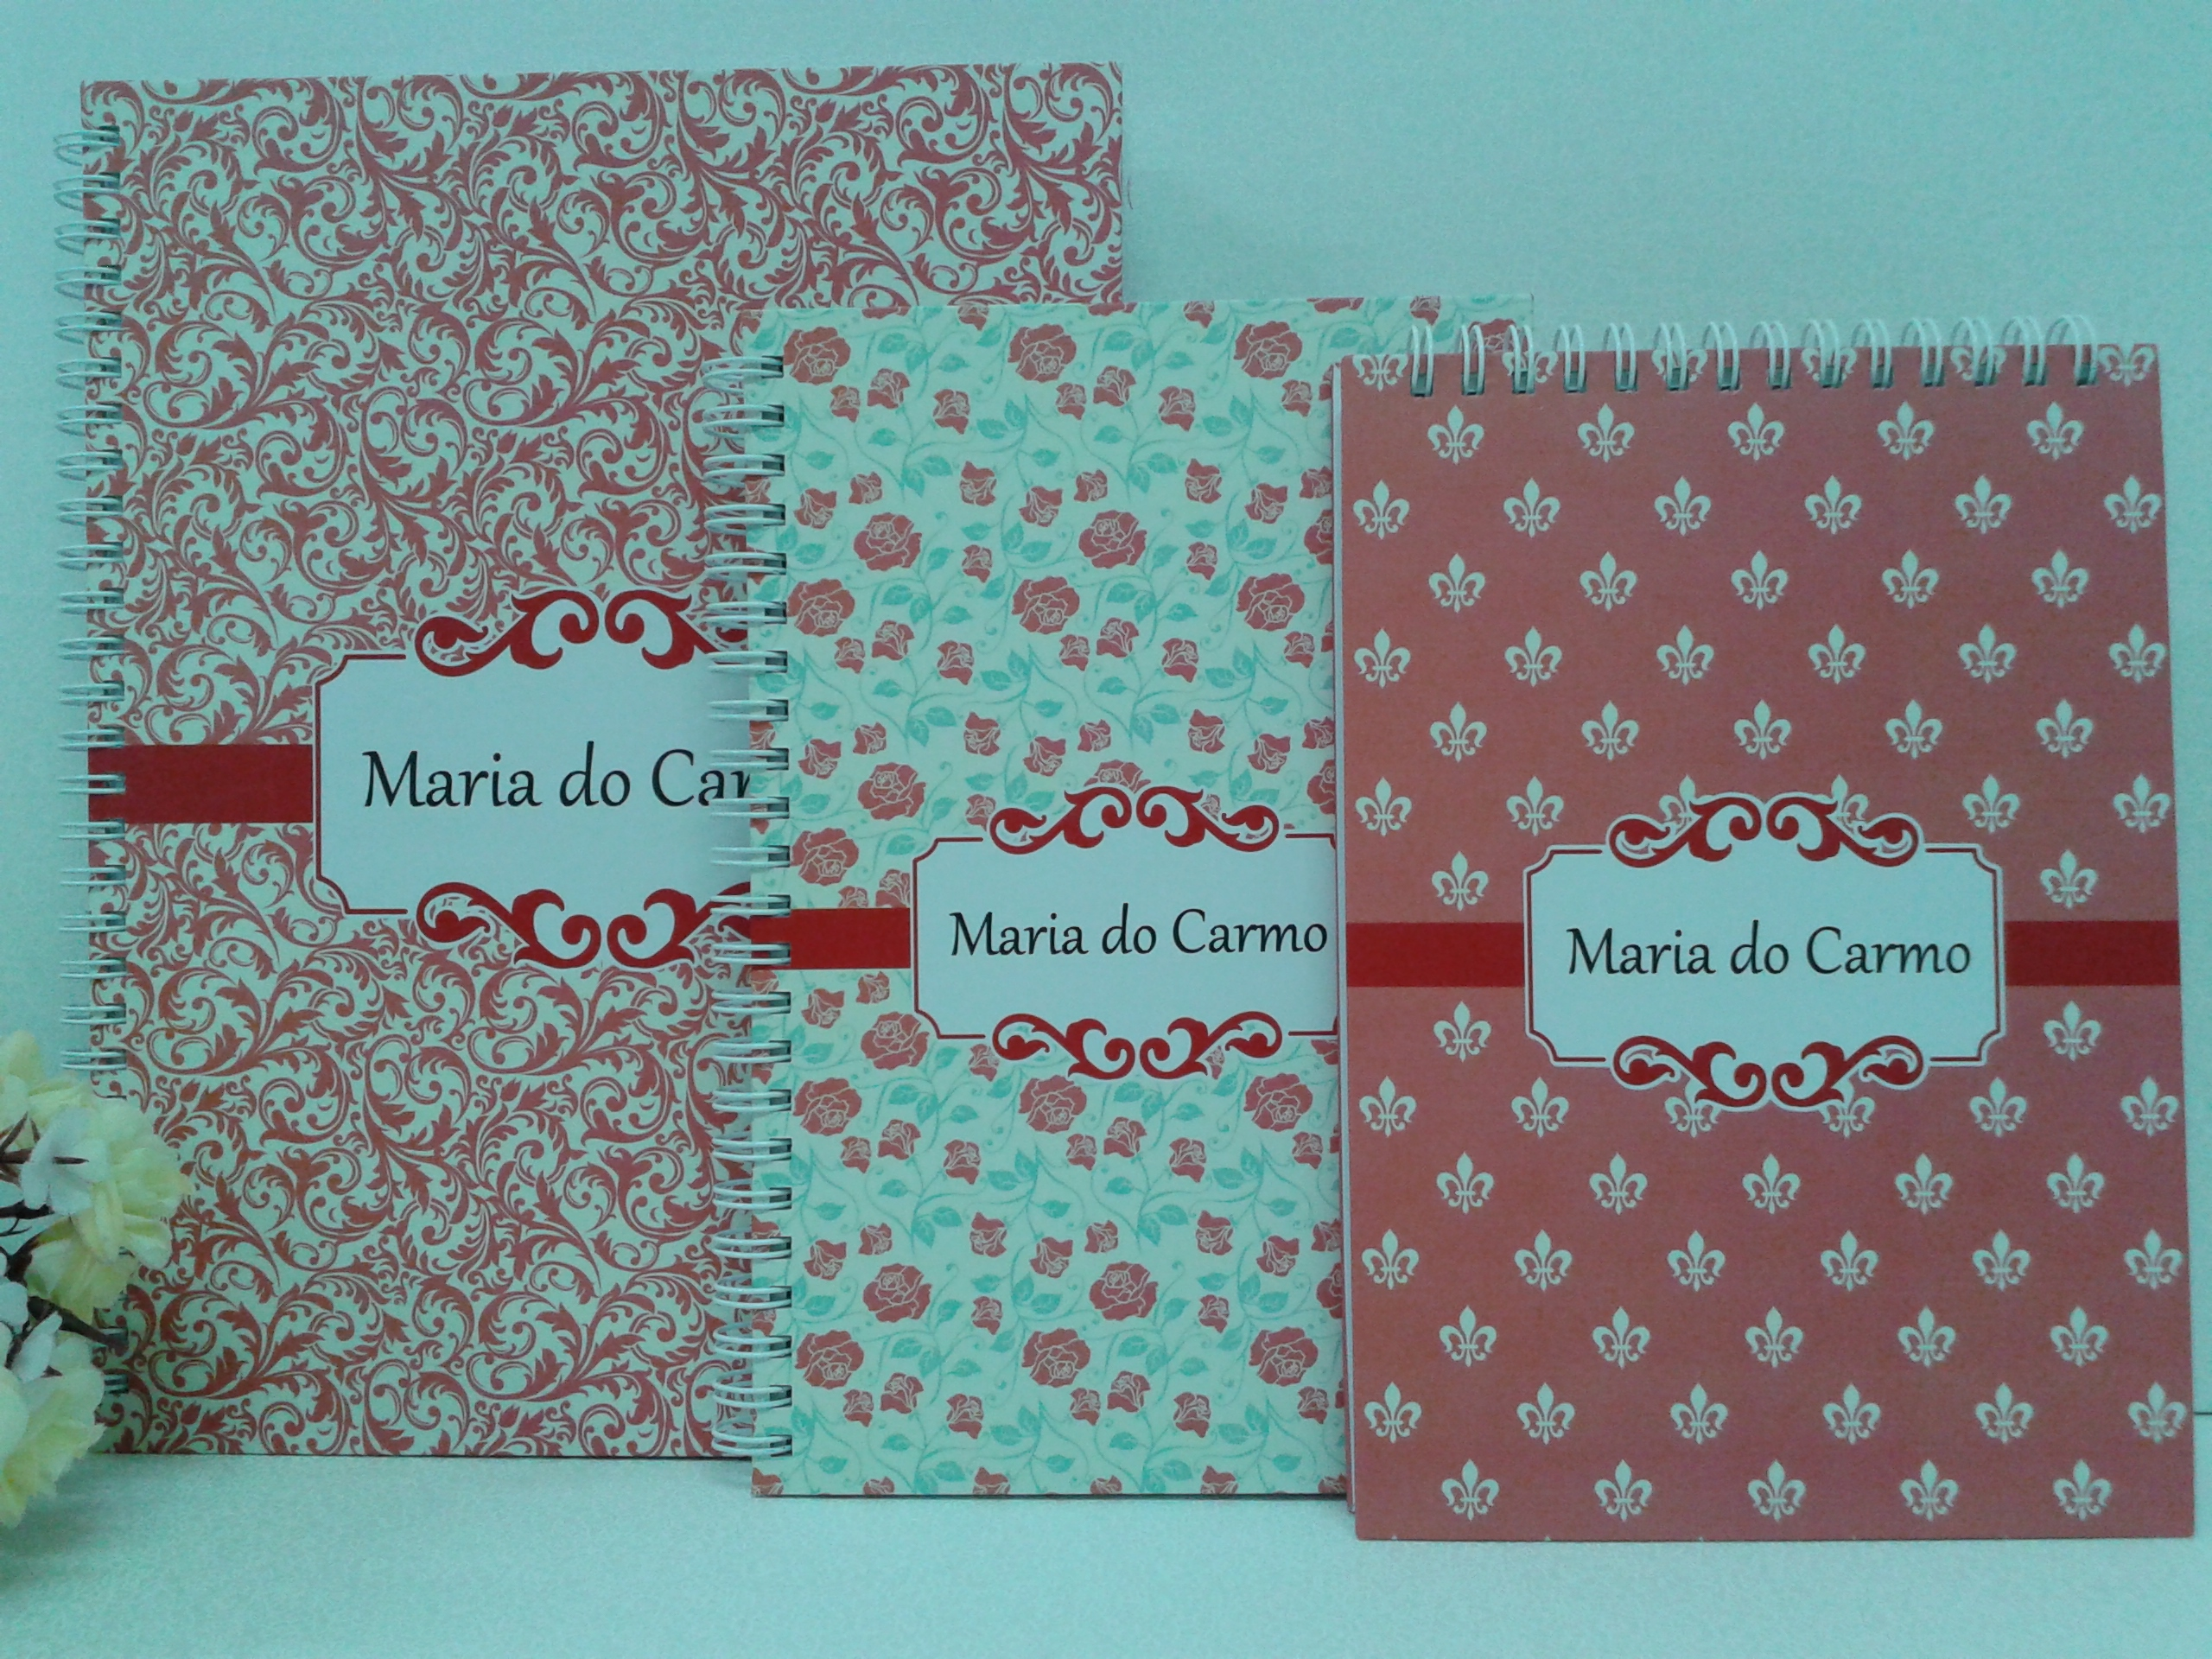 Super Cadernos Personalizados no Elo7 | Mimos e Ternura (44E461) UB28